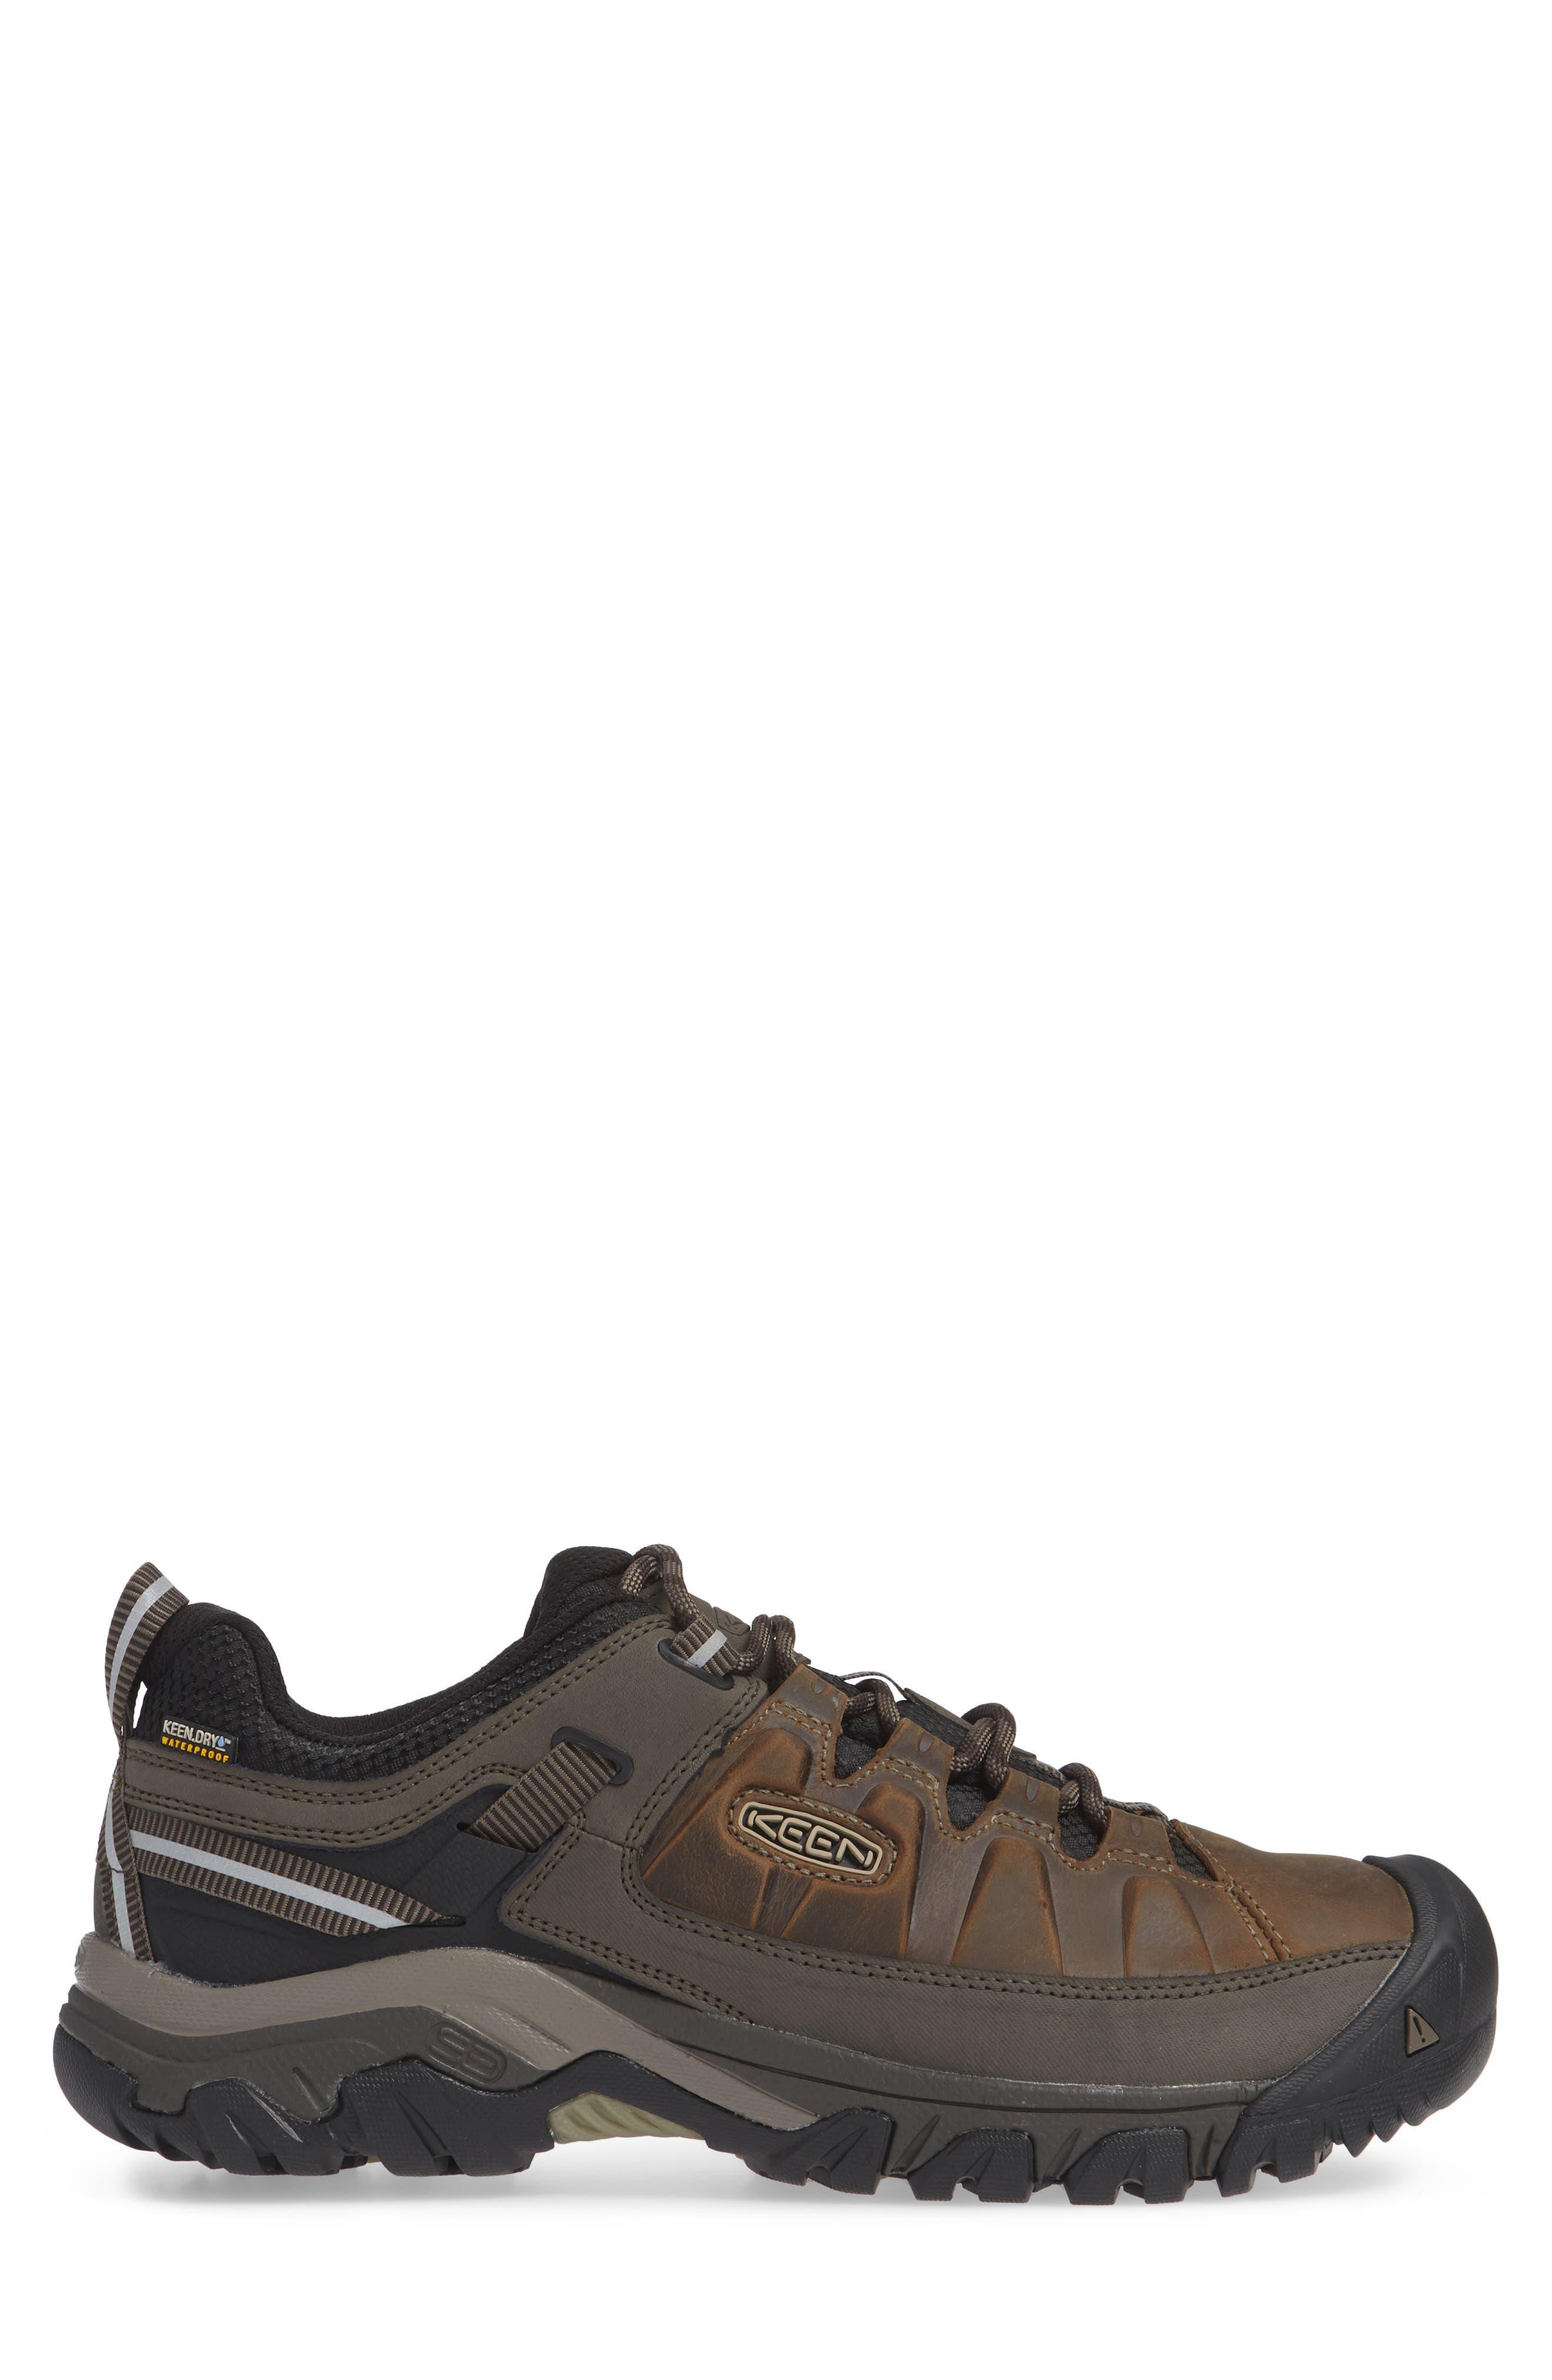 Targhee III Waterproof Wide Hiking Shoe,                             Alternate thumbnail 3, color,                             BUNGEE CORD/ BLACK